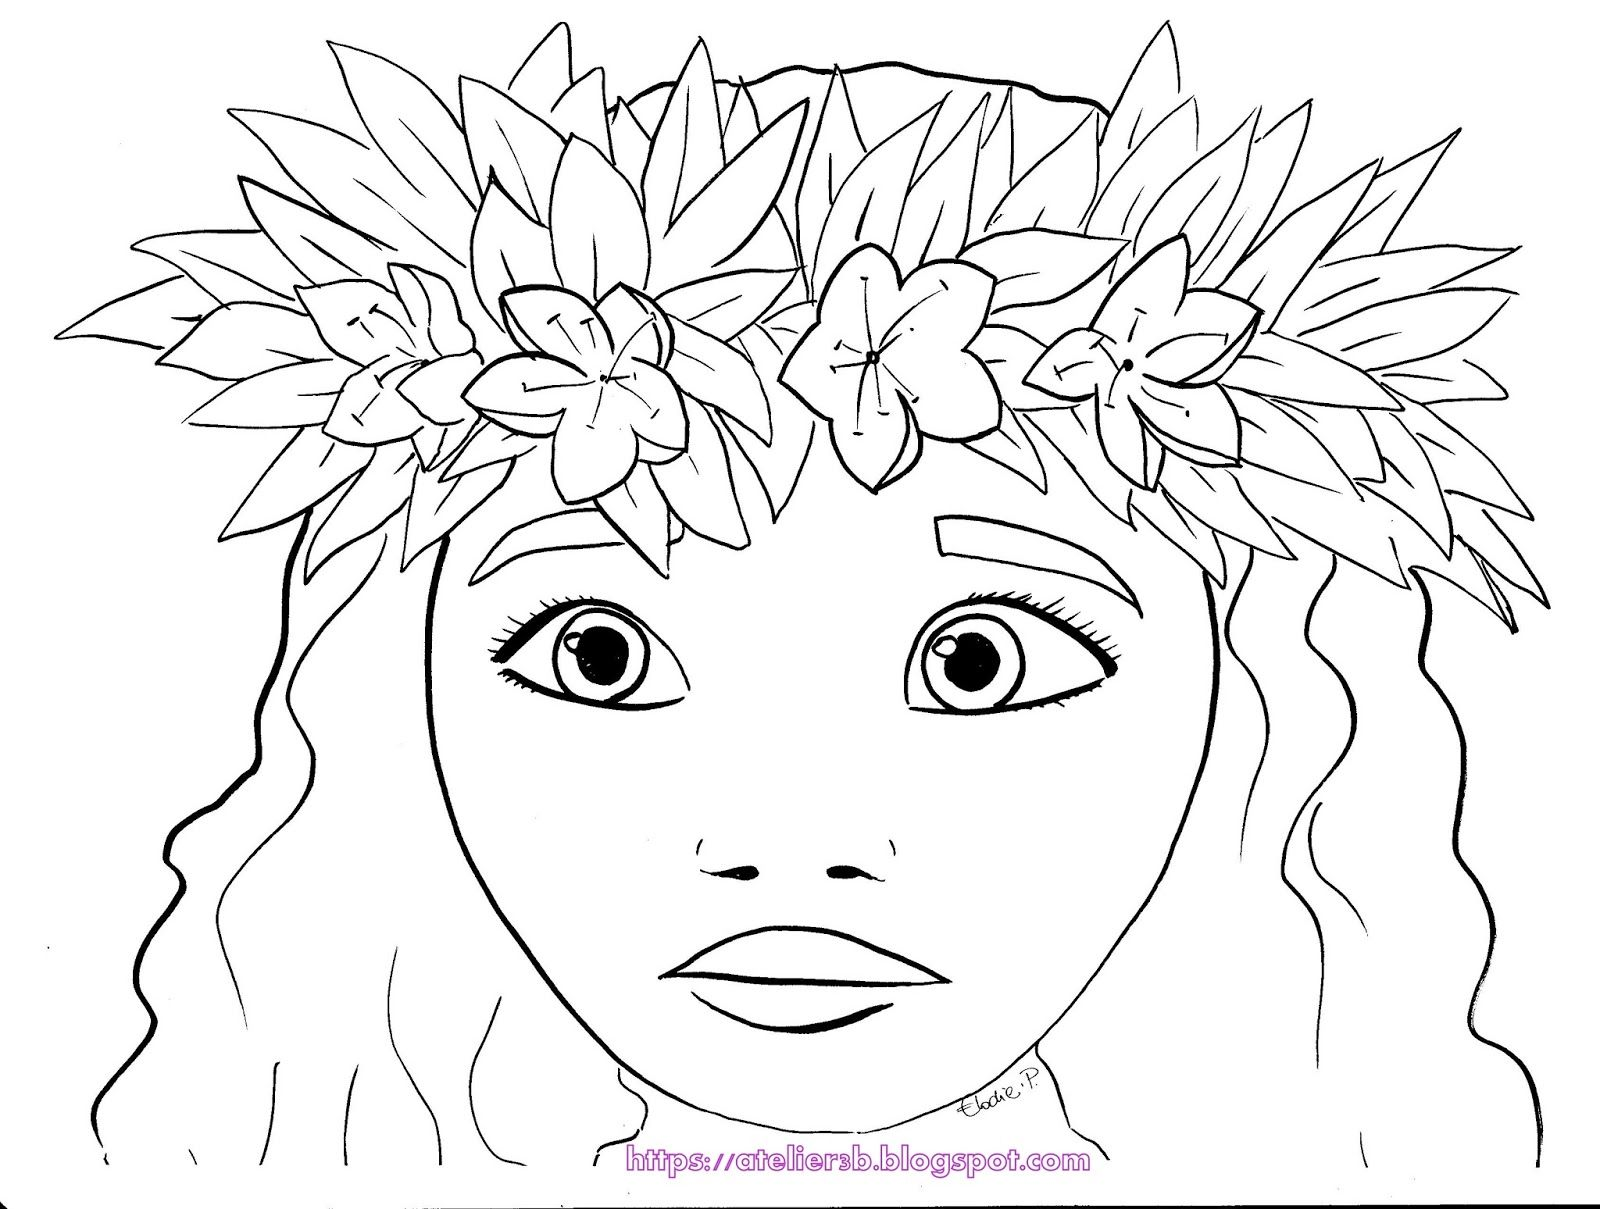 Animaux design en graphisme collage personnage fleur - Dessin a calquer ...